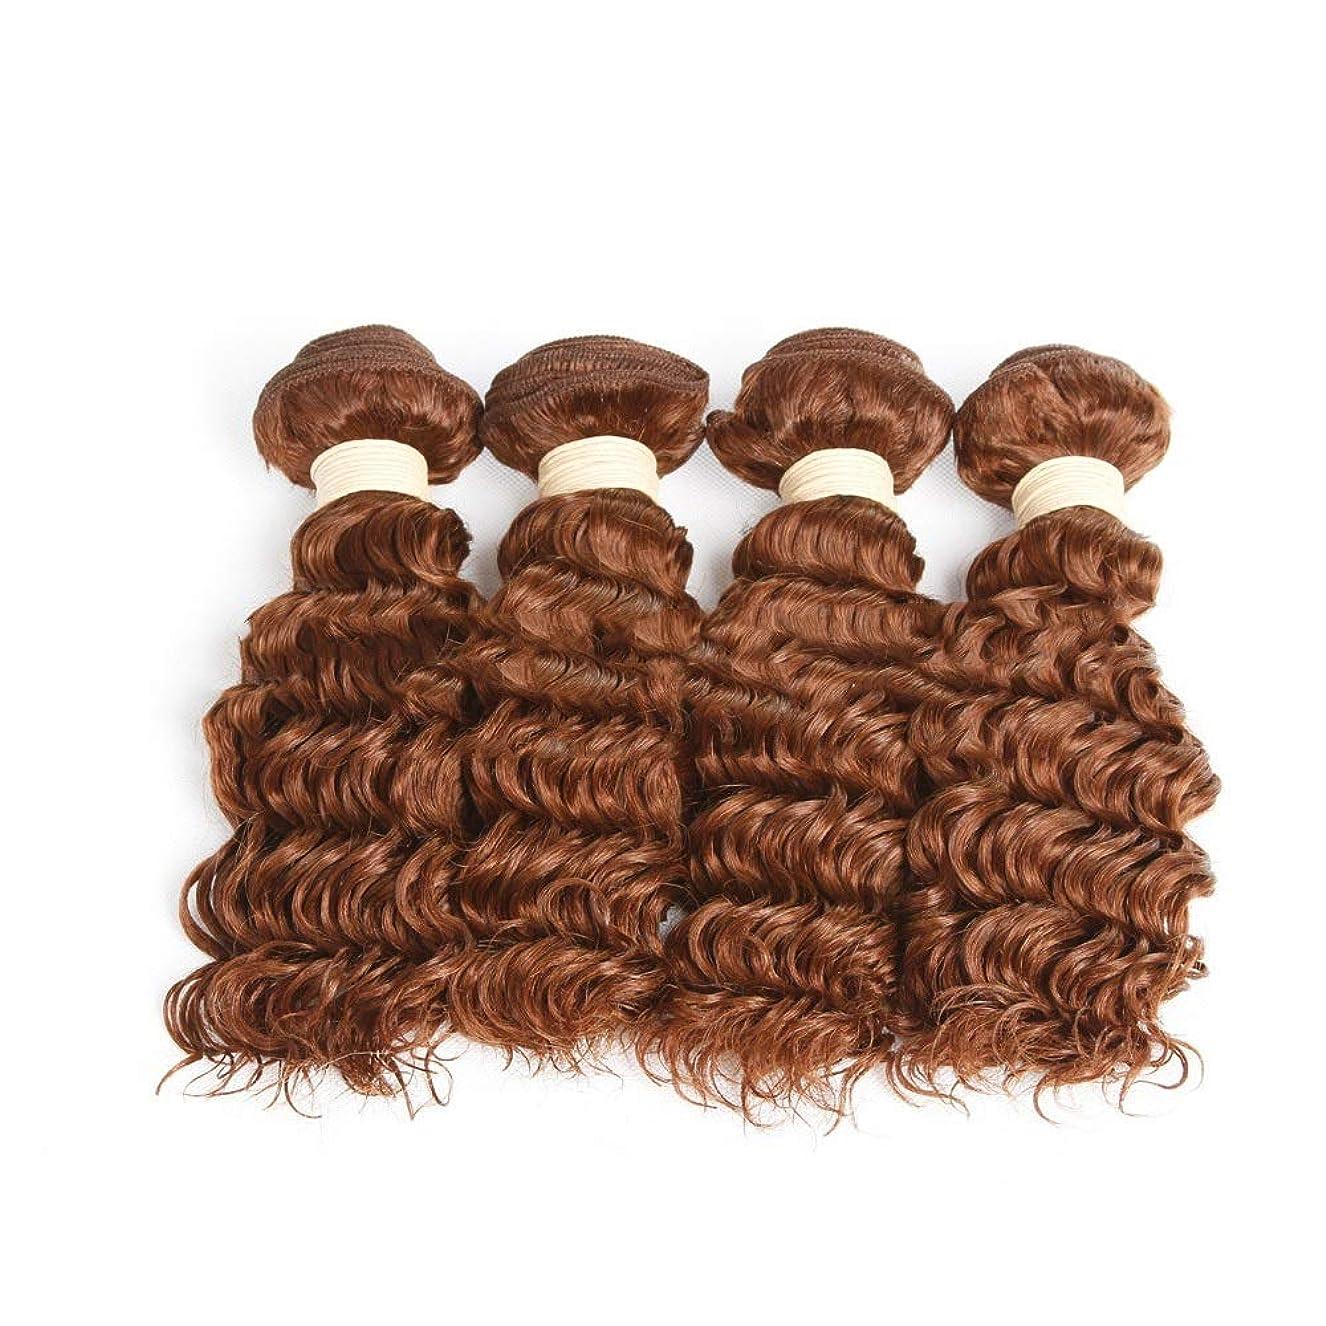 ソビエト放棄軽量Mayalina ブラジルのディープウェーブの毛100%未処理の人間の毛髪延長1バンドル#30ブライトブラウン色ブラジルのバージンヘア8-26インチロールプレイングかつら女性のかつら (色 : ブラウン, サイズ : 16 inch)